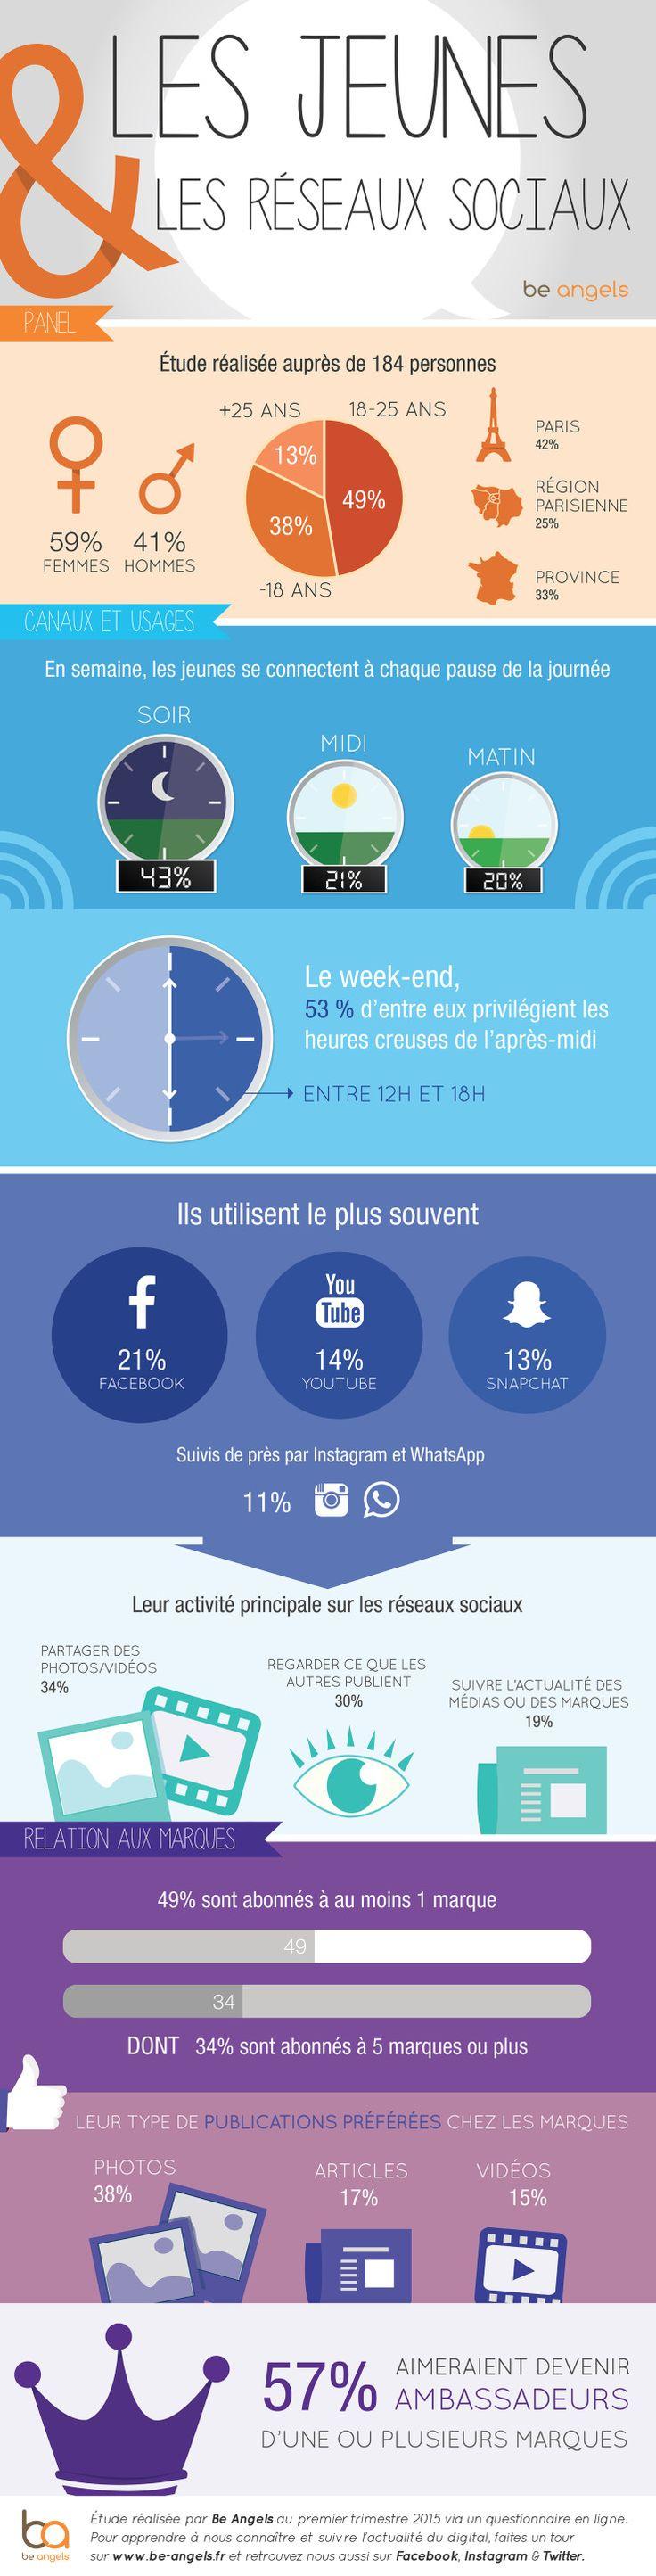 #Infographie #websocial // IQuels sont les usages des jeunes sur les réseaux sociaux ? // Une étude menée par l'agence Be Angels fait le point sur la consommation sociale des jeunes (180 personnes interrogées) [Sept 2015]